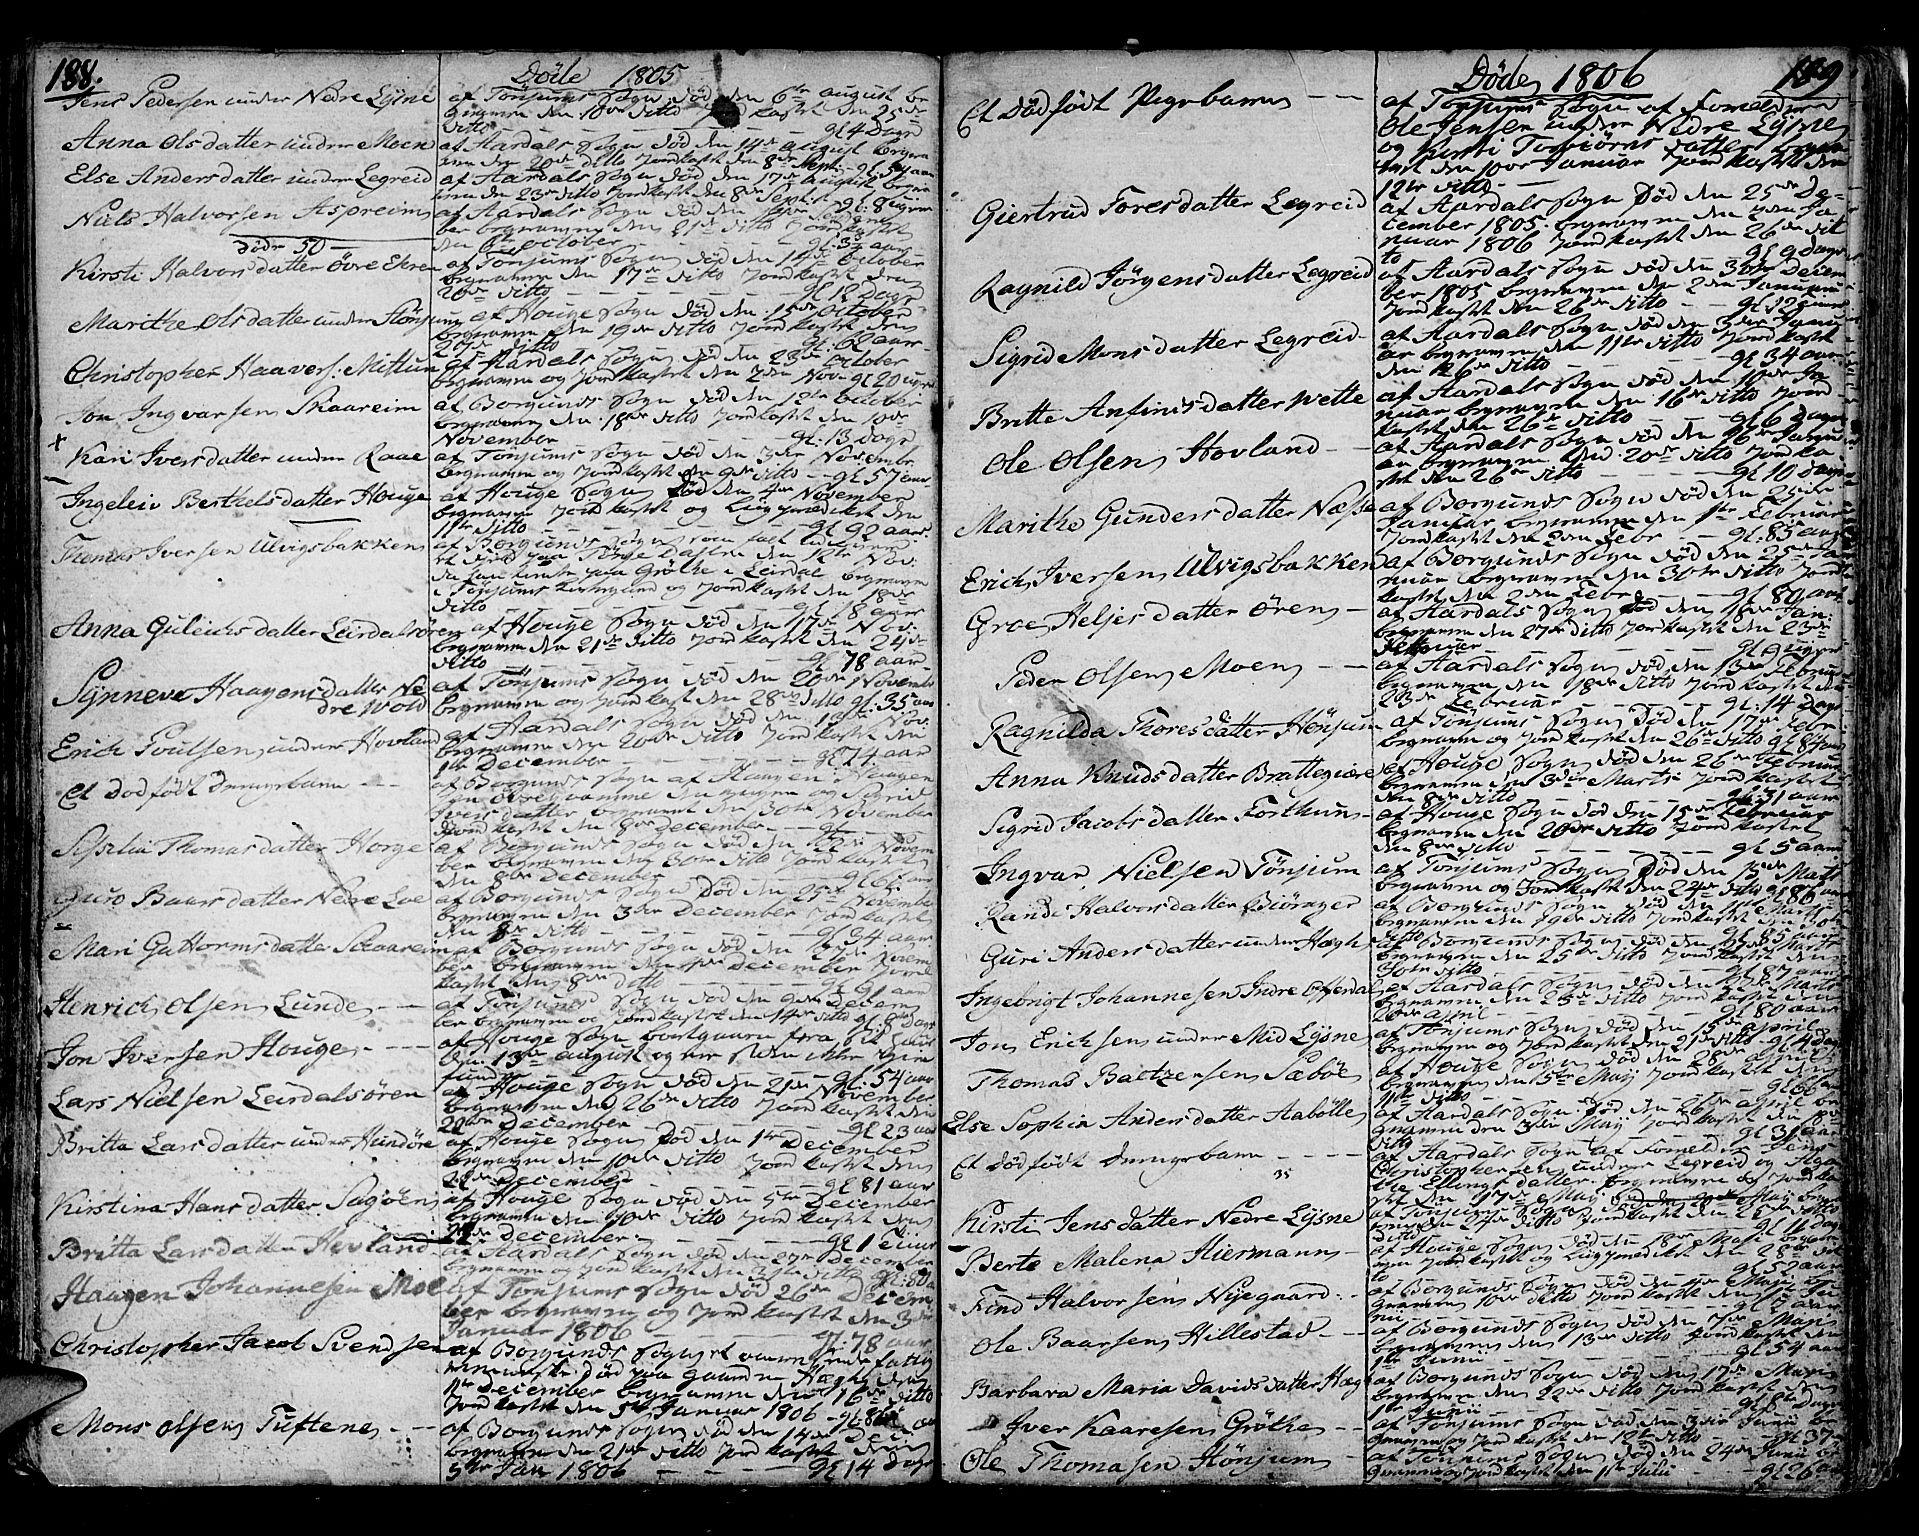 SAB, Lærdal sokneprestembete, Ministerialbok nr. A 4, 1805-1821, s. 188-189